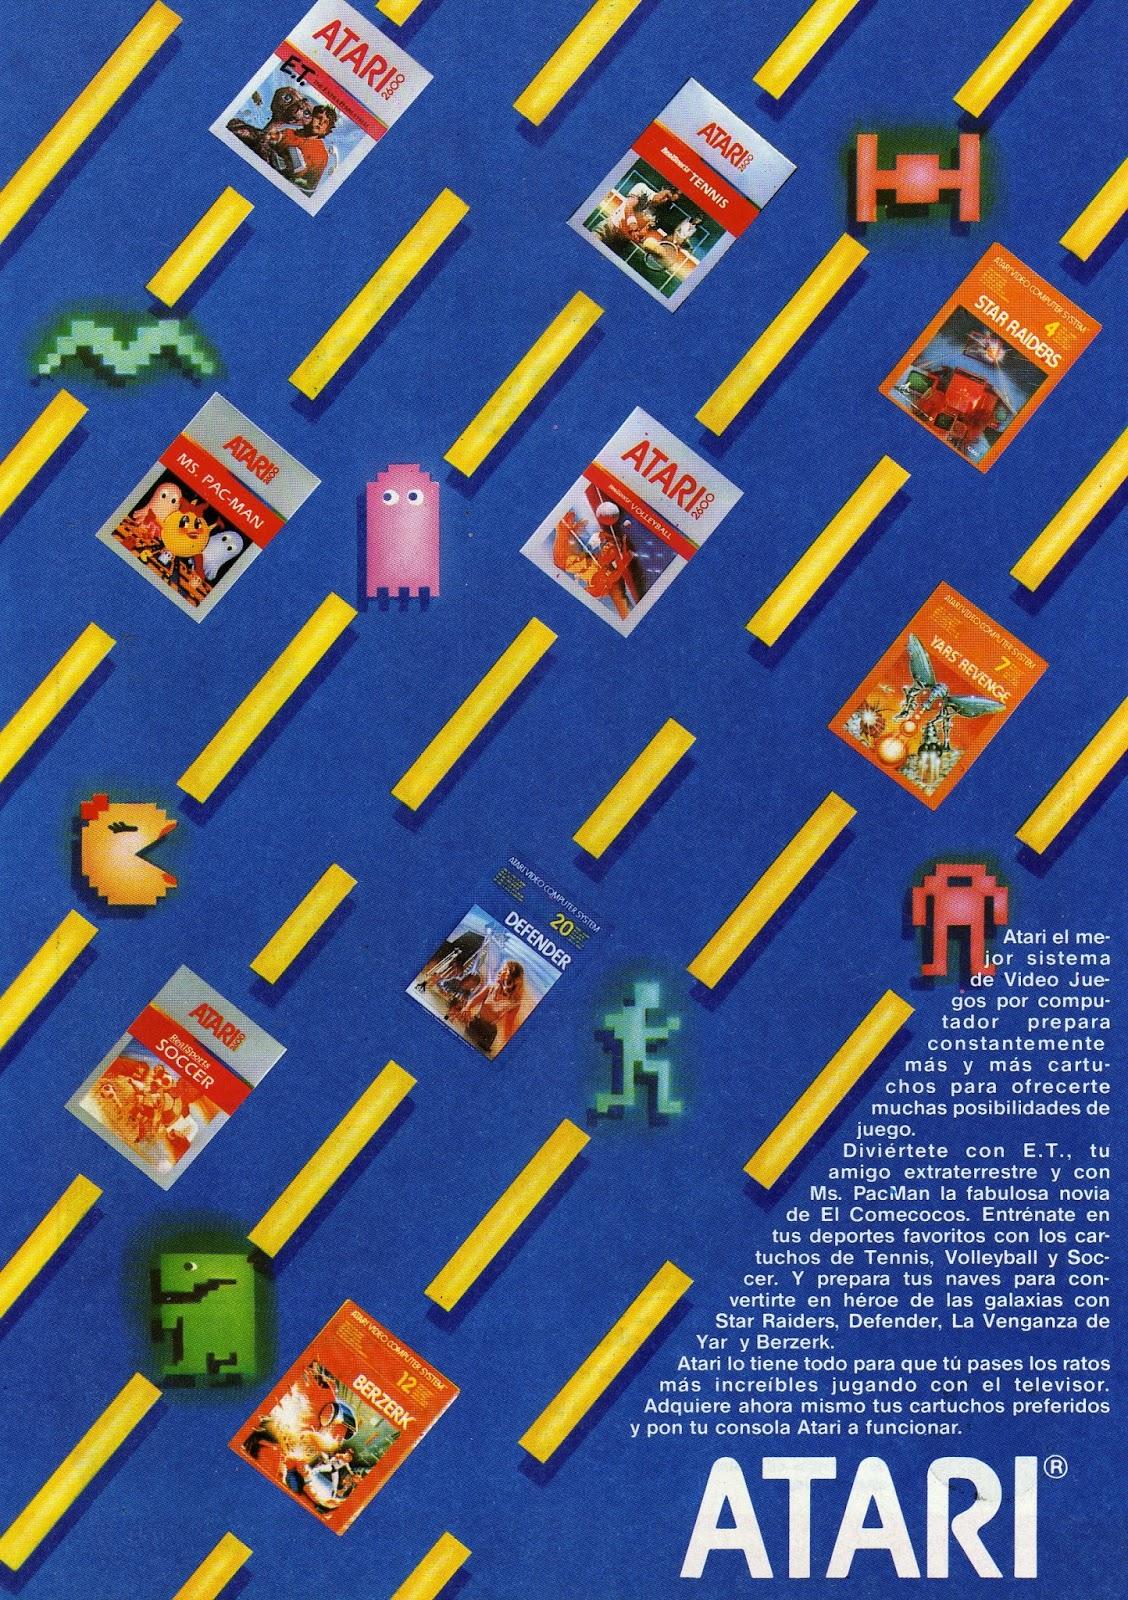 Josepzin Folletos Del Sonimag Barcelona De Consolas Y Juegos Antiguos